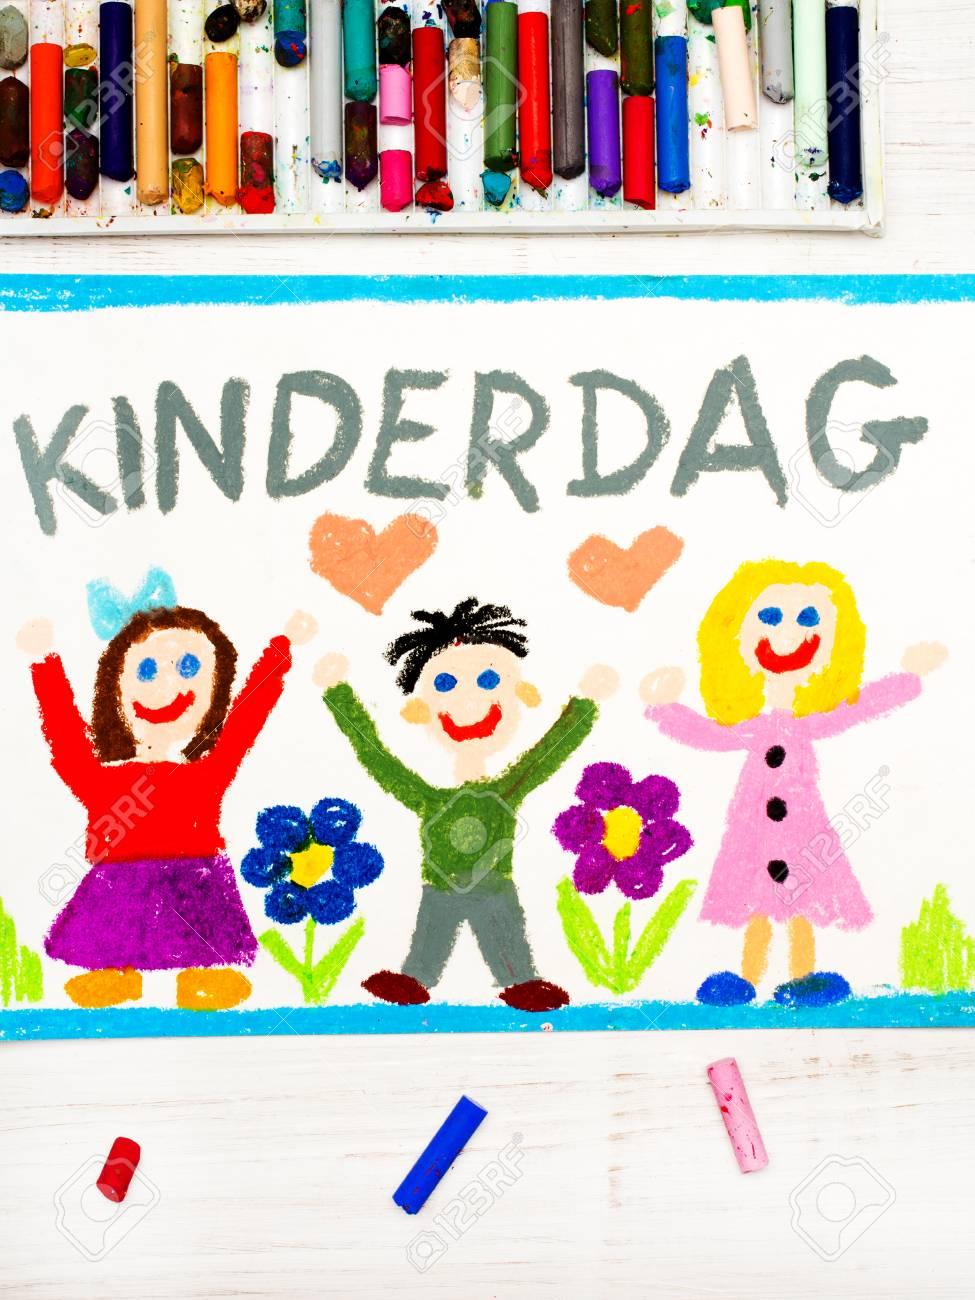 Dibujo Colorido Tarjeta Del Día Del Niño Con Palabras De Holanda